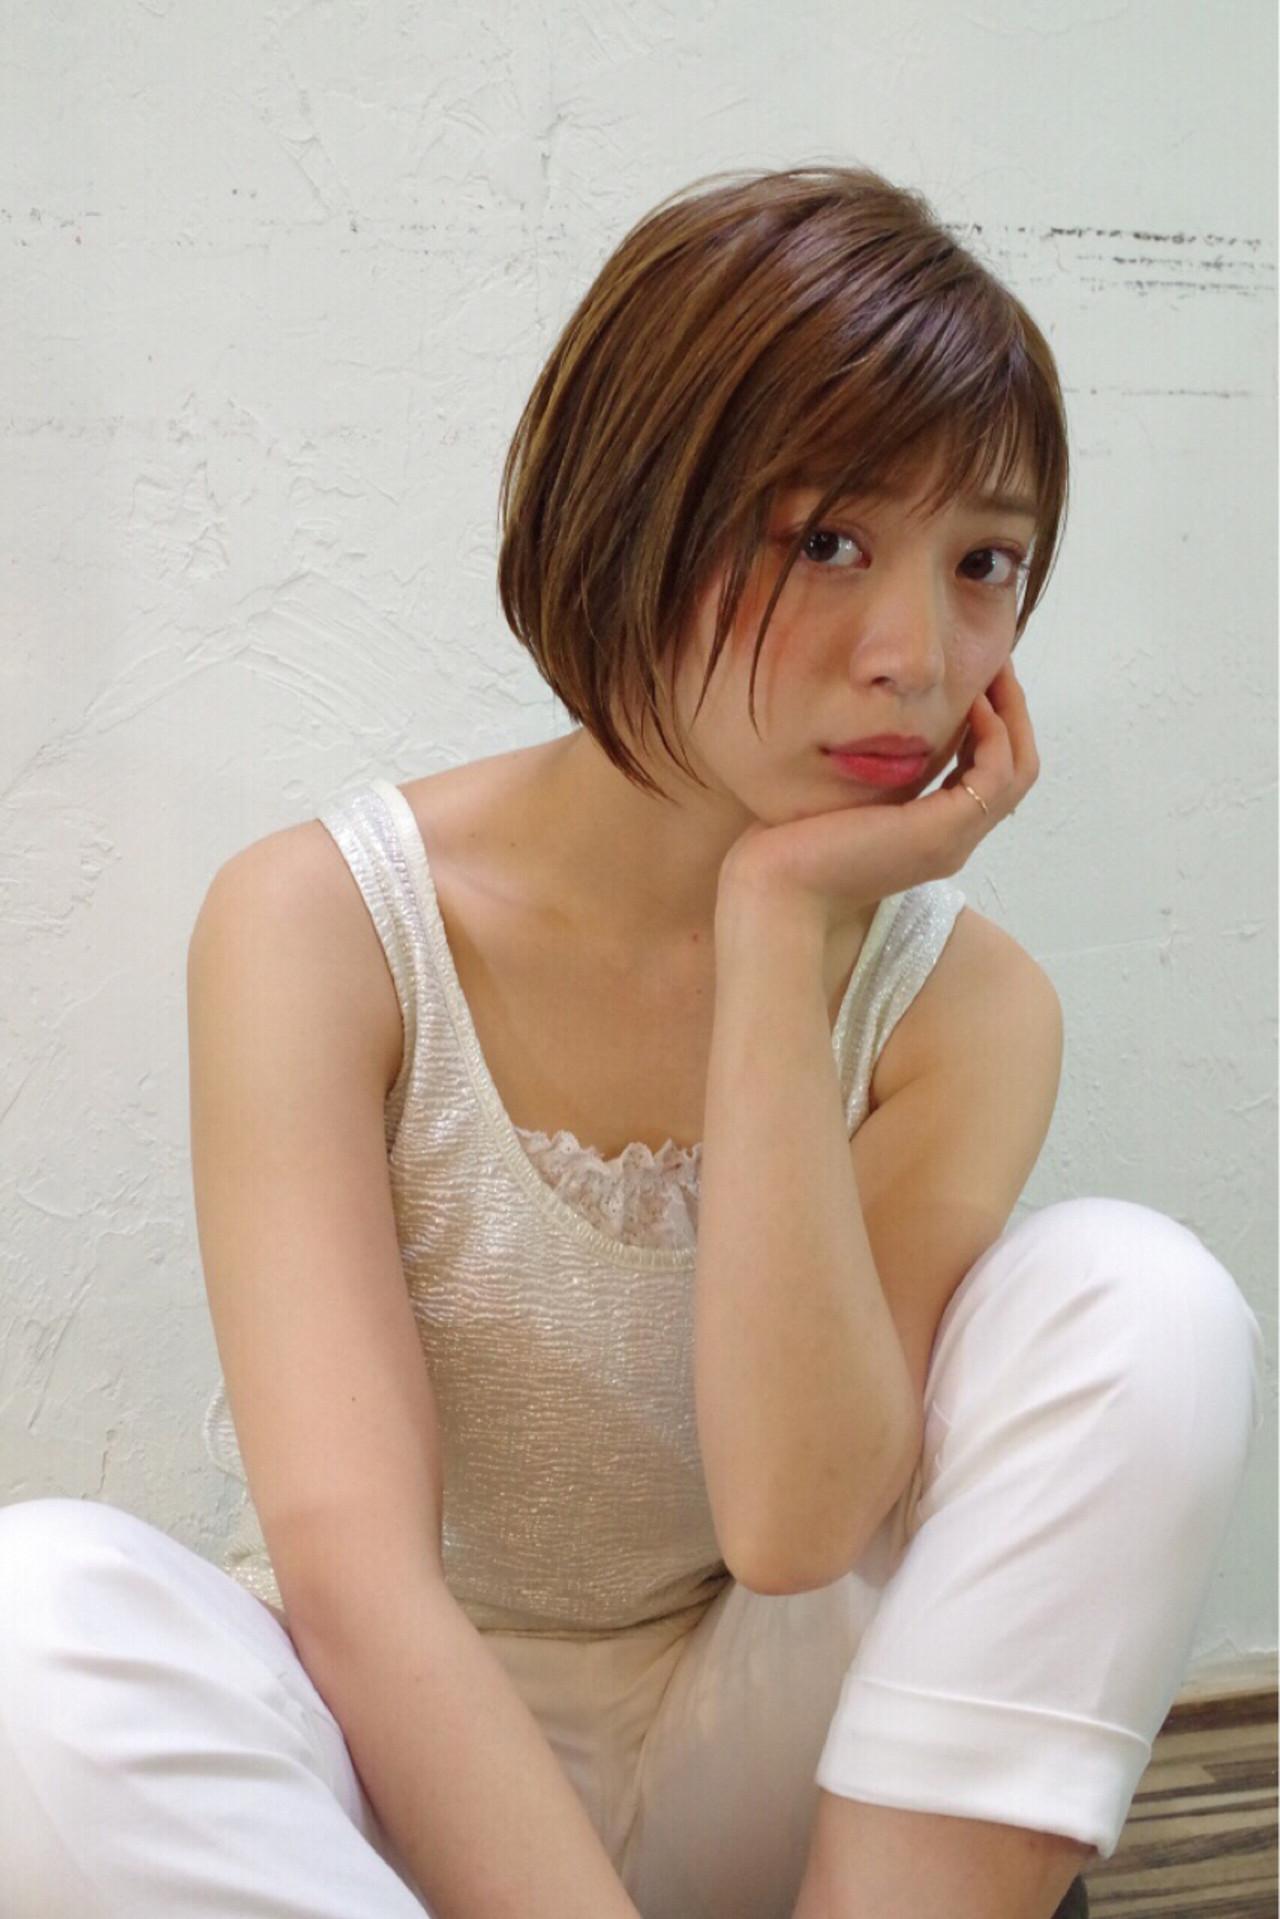 ワイドバング ピュア ハイライト アッシュ ヘアスタイルや髪型の写真・画像 | Nao Kokubun blast / blast